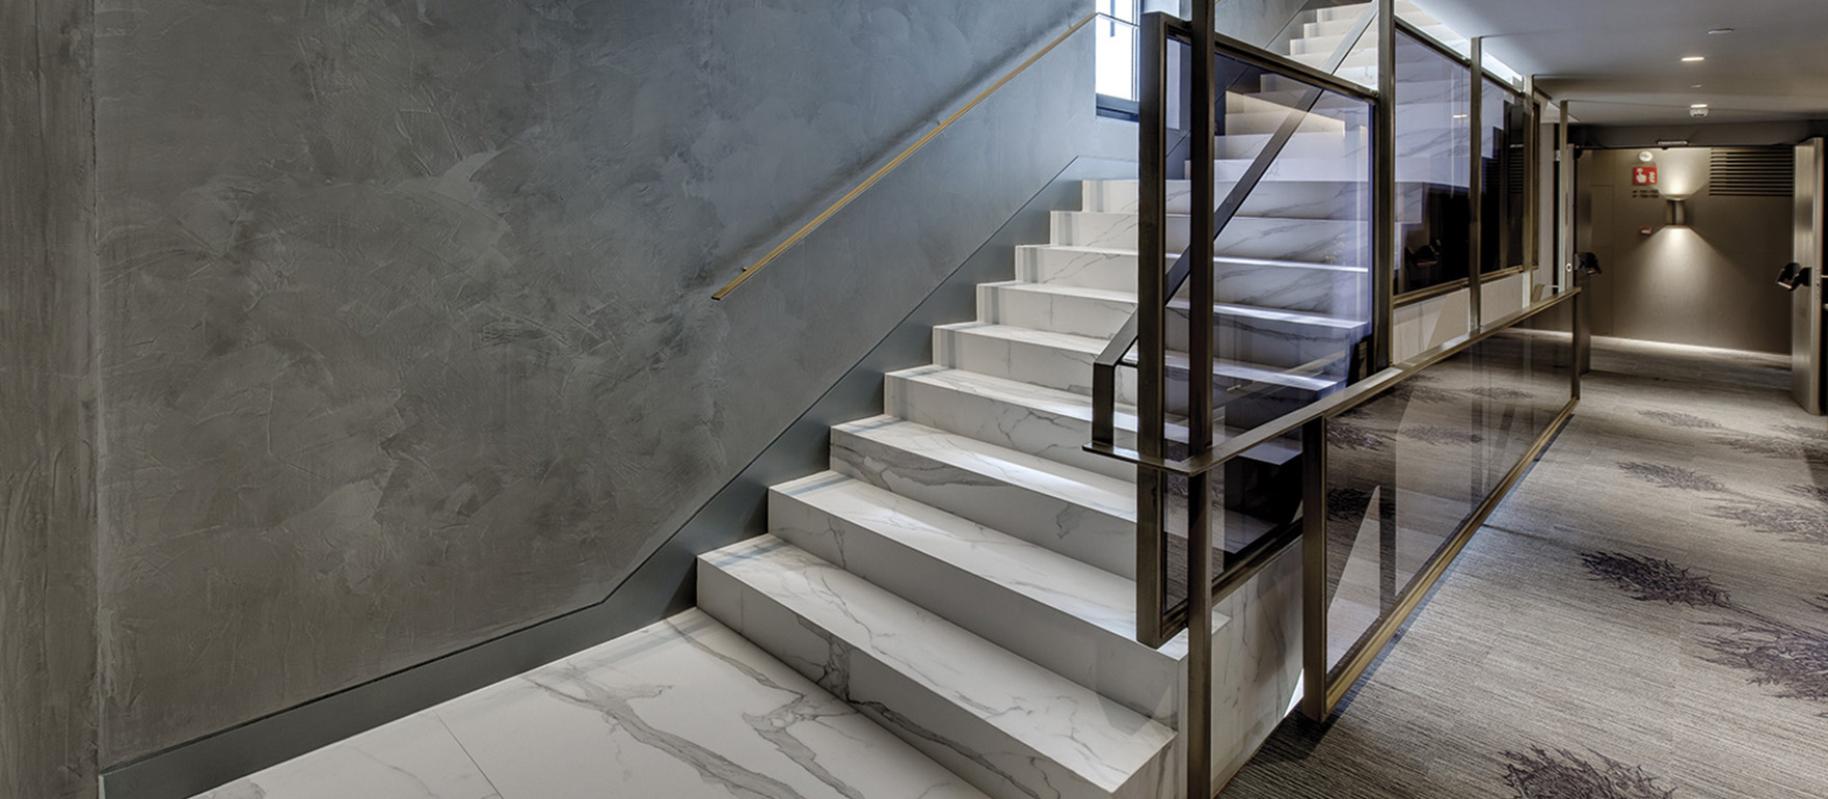 obklad-schodov-z-keramiky.jpg